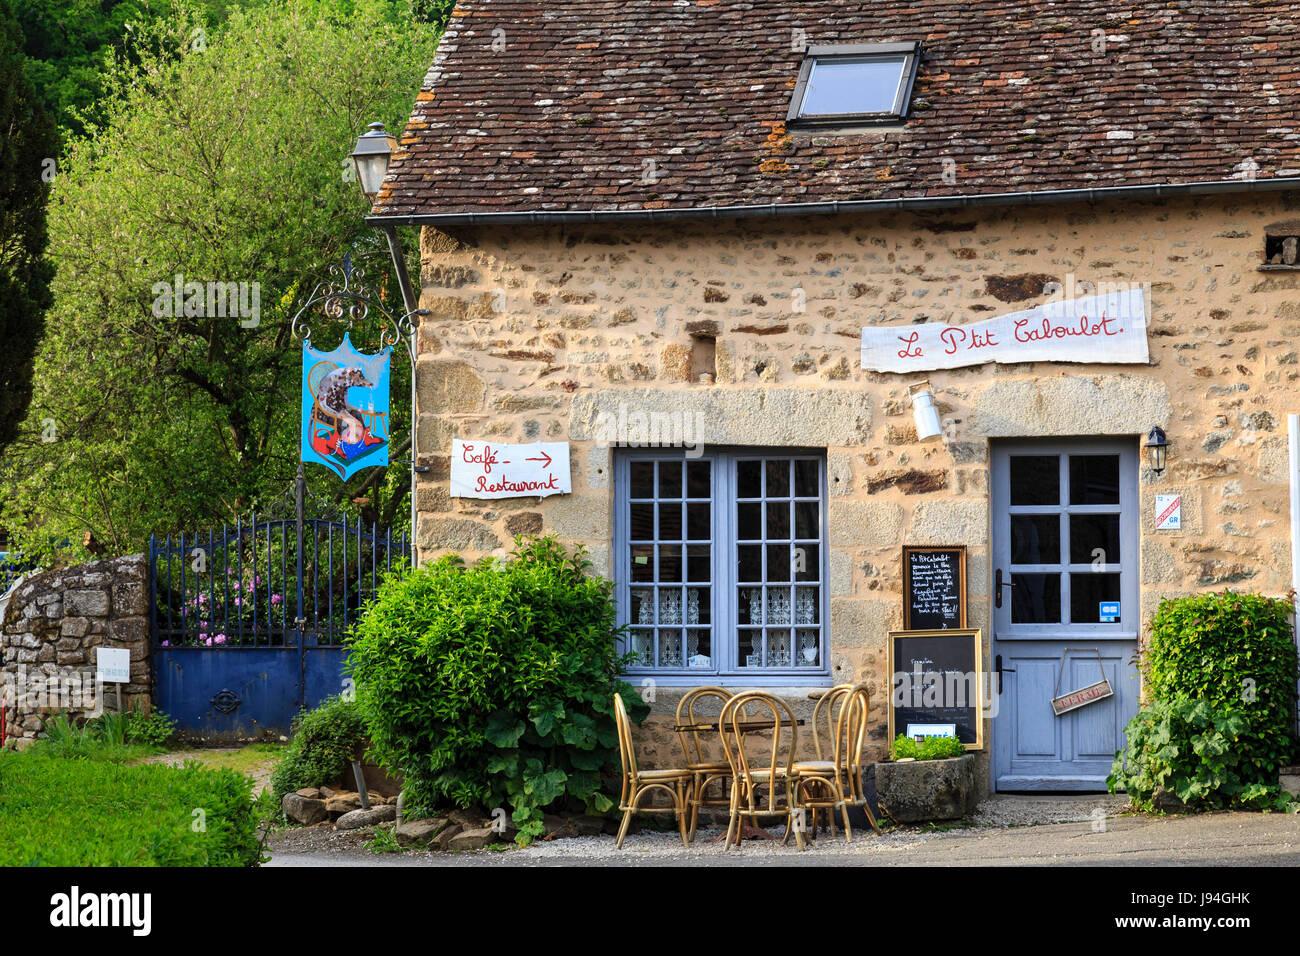 France, Orne, Normandie-Maine Regional Natural Park, Saint-Ceneri-le-Gerei, labelled Les Plus Beaux Villages de - Stock Image